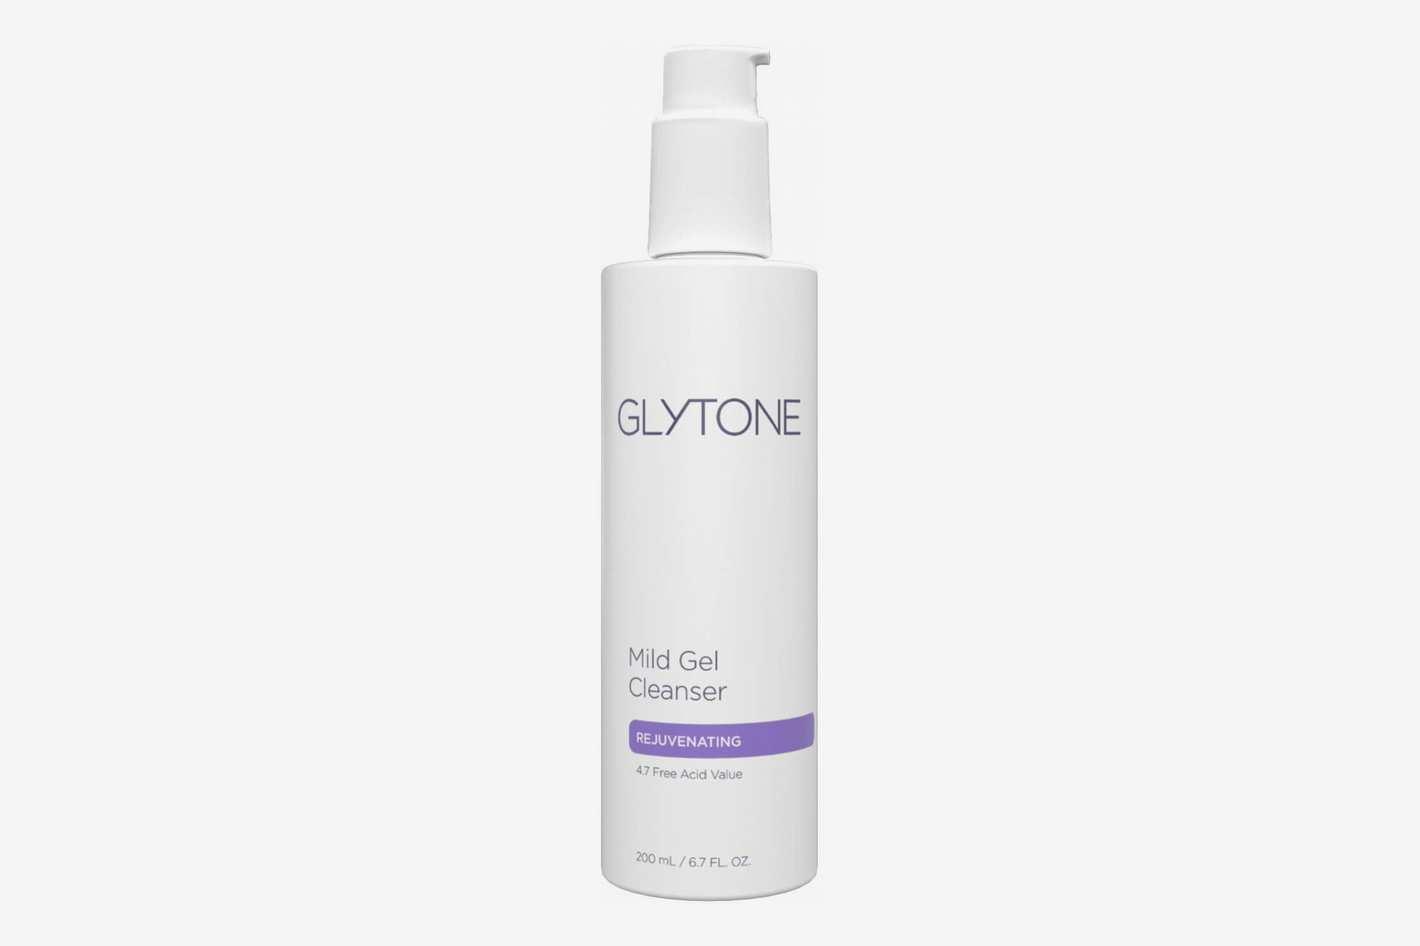 Glytone Mild Gel Cleanser